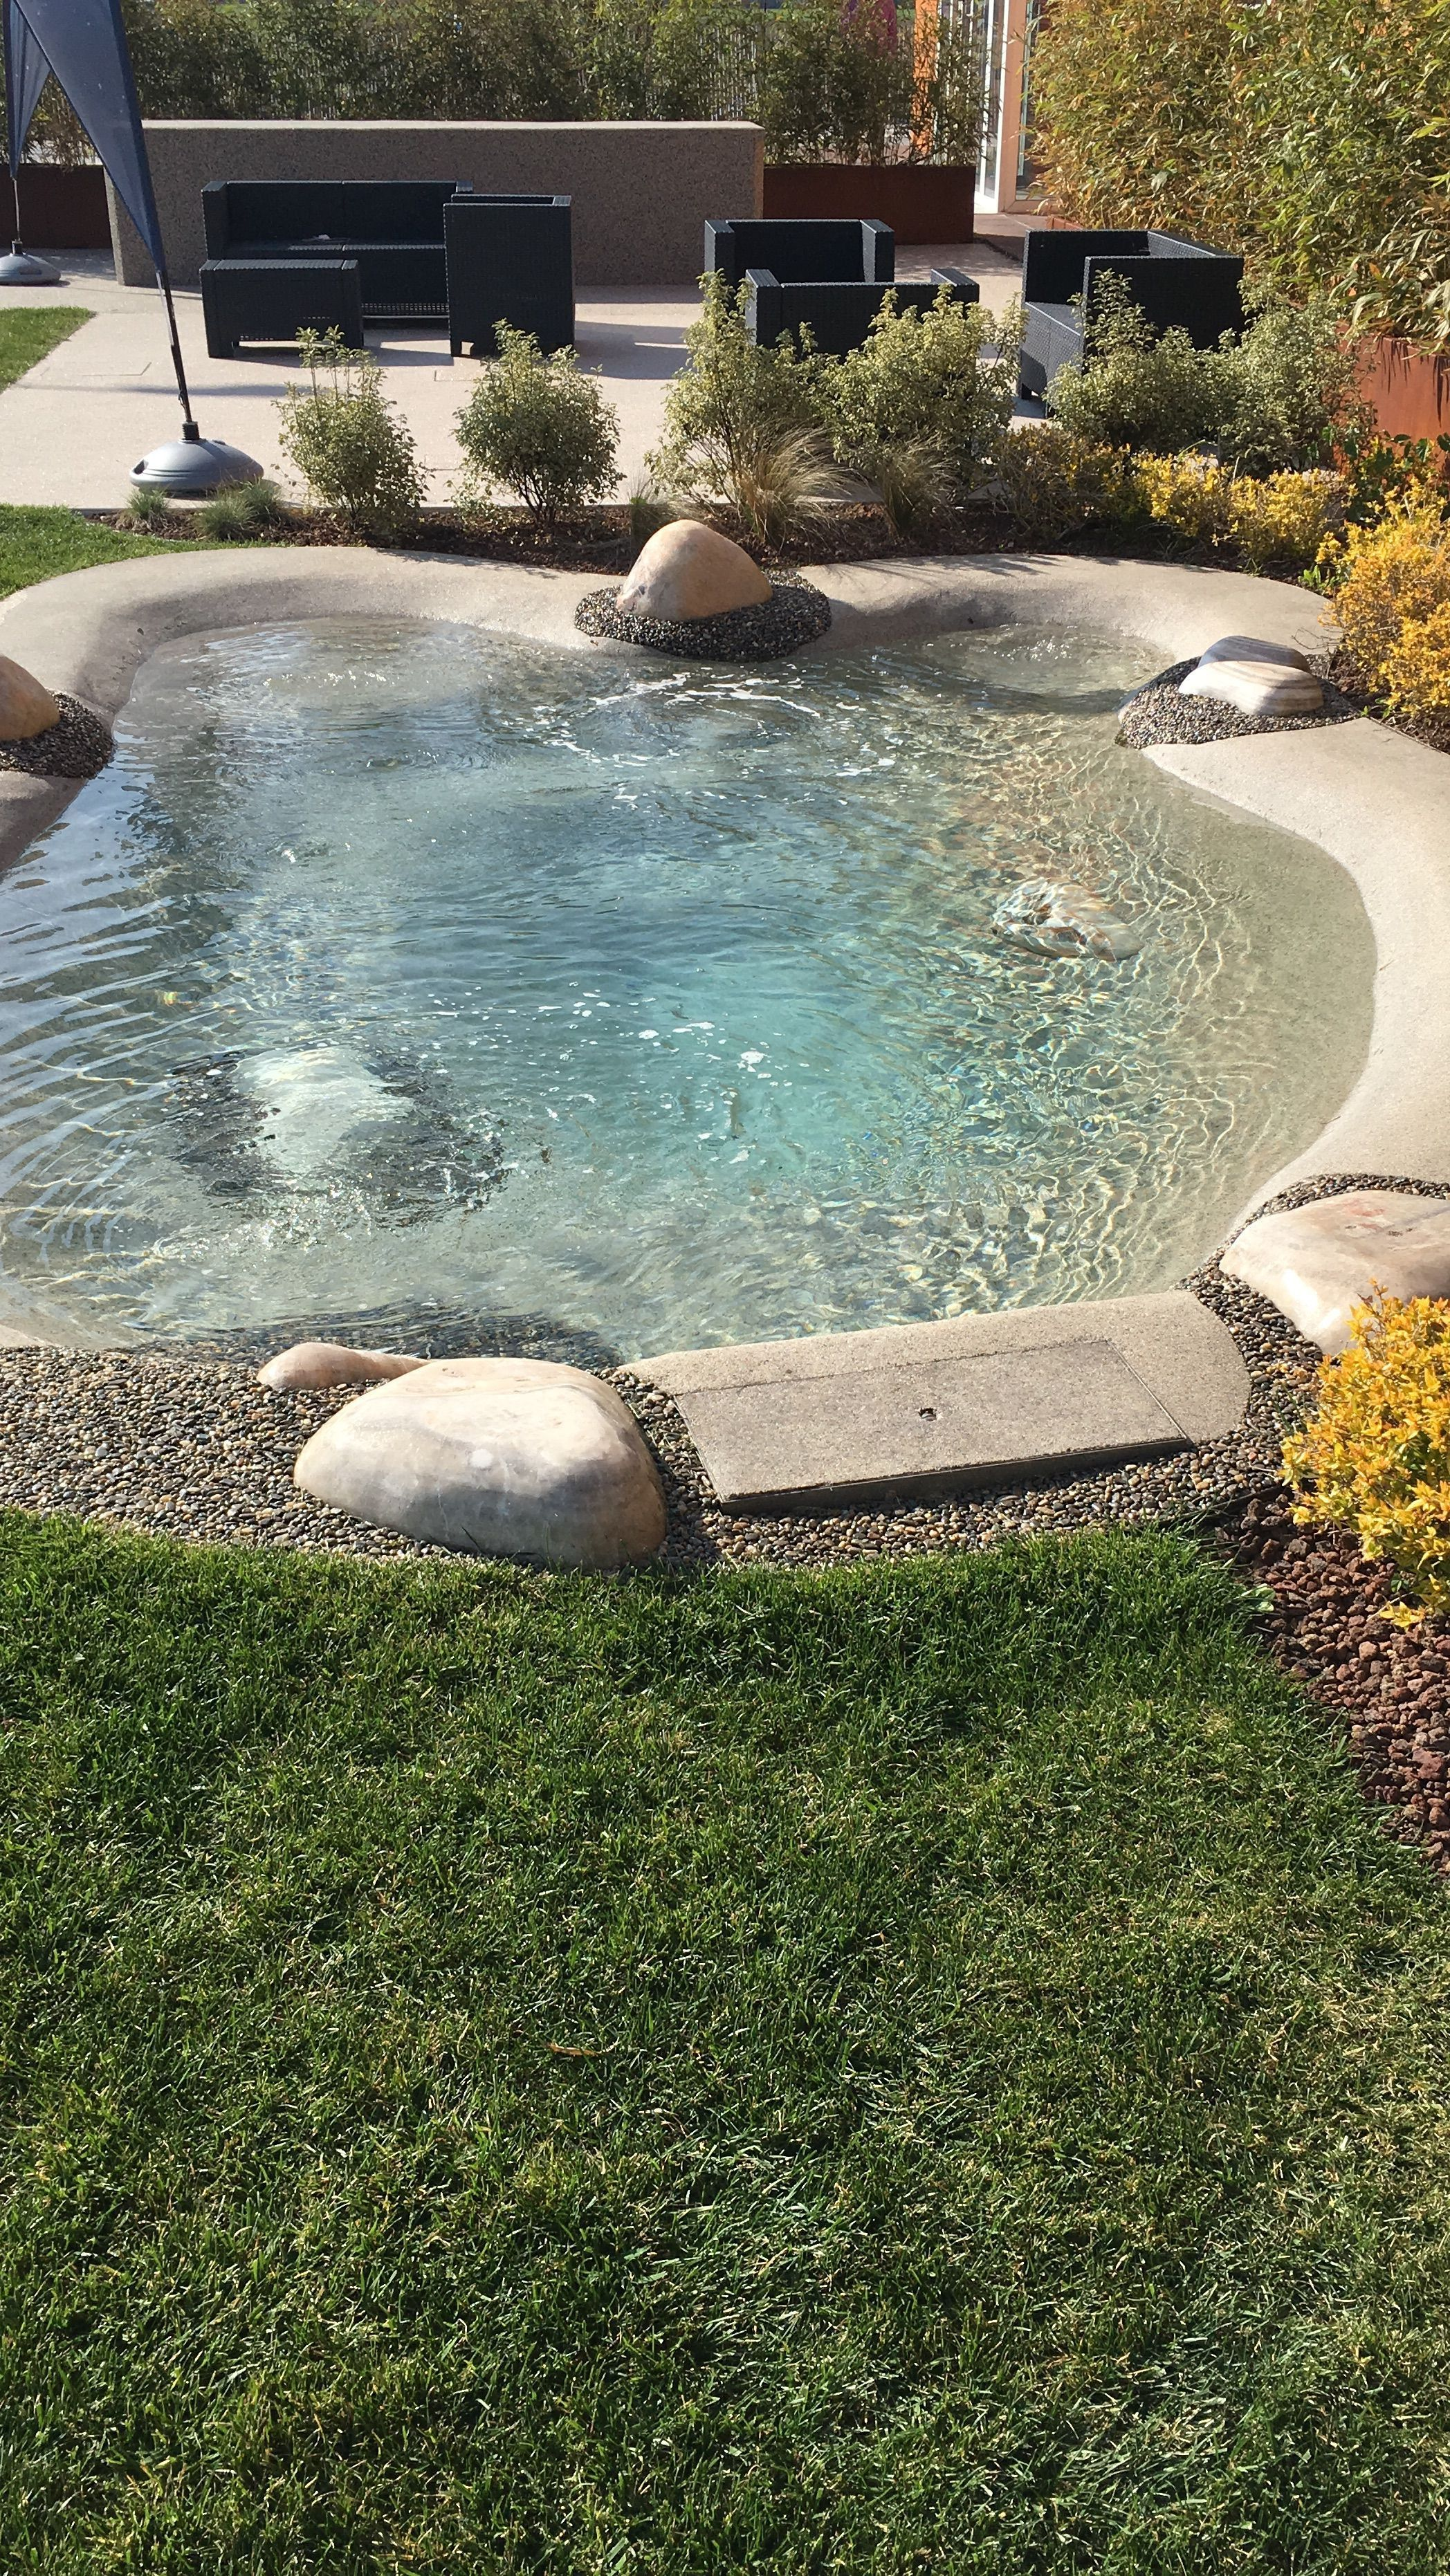 Pin On Small Backyard Ideas Backyard Pool Designs Backyard Beach Swimming Pools Backyard Mini pool in backyard